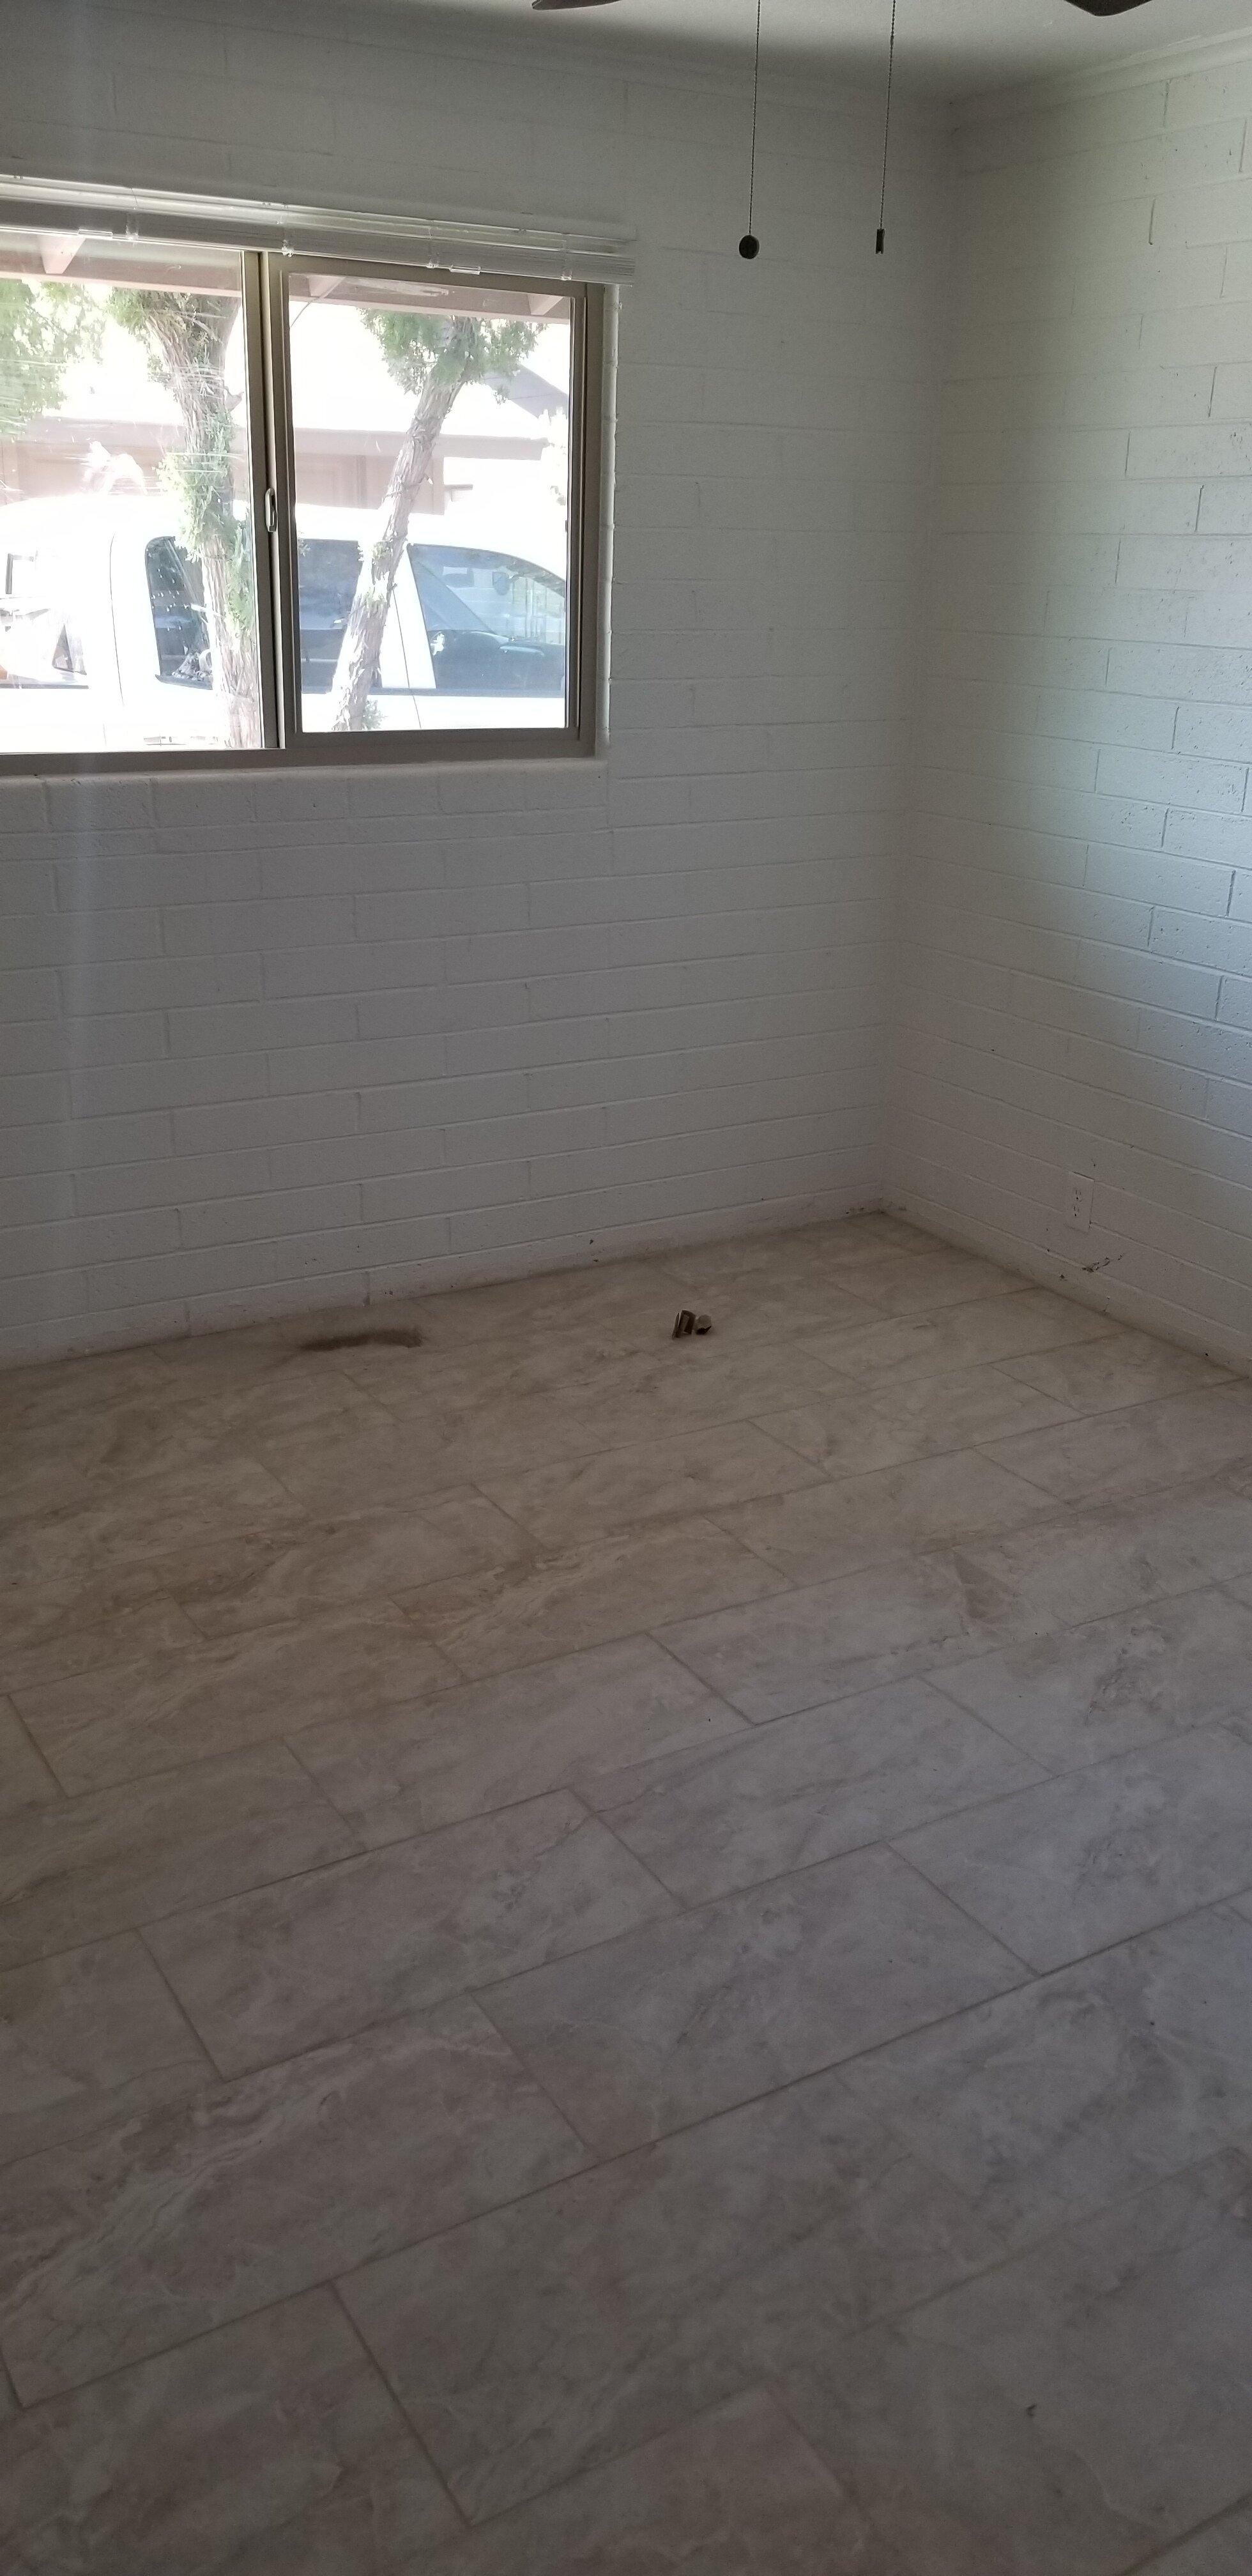 Existing bedroom tile